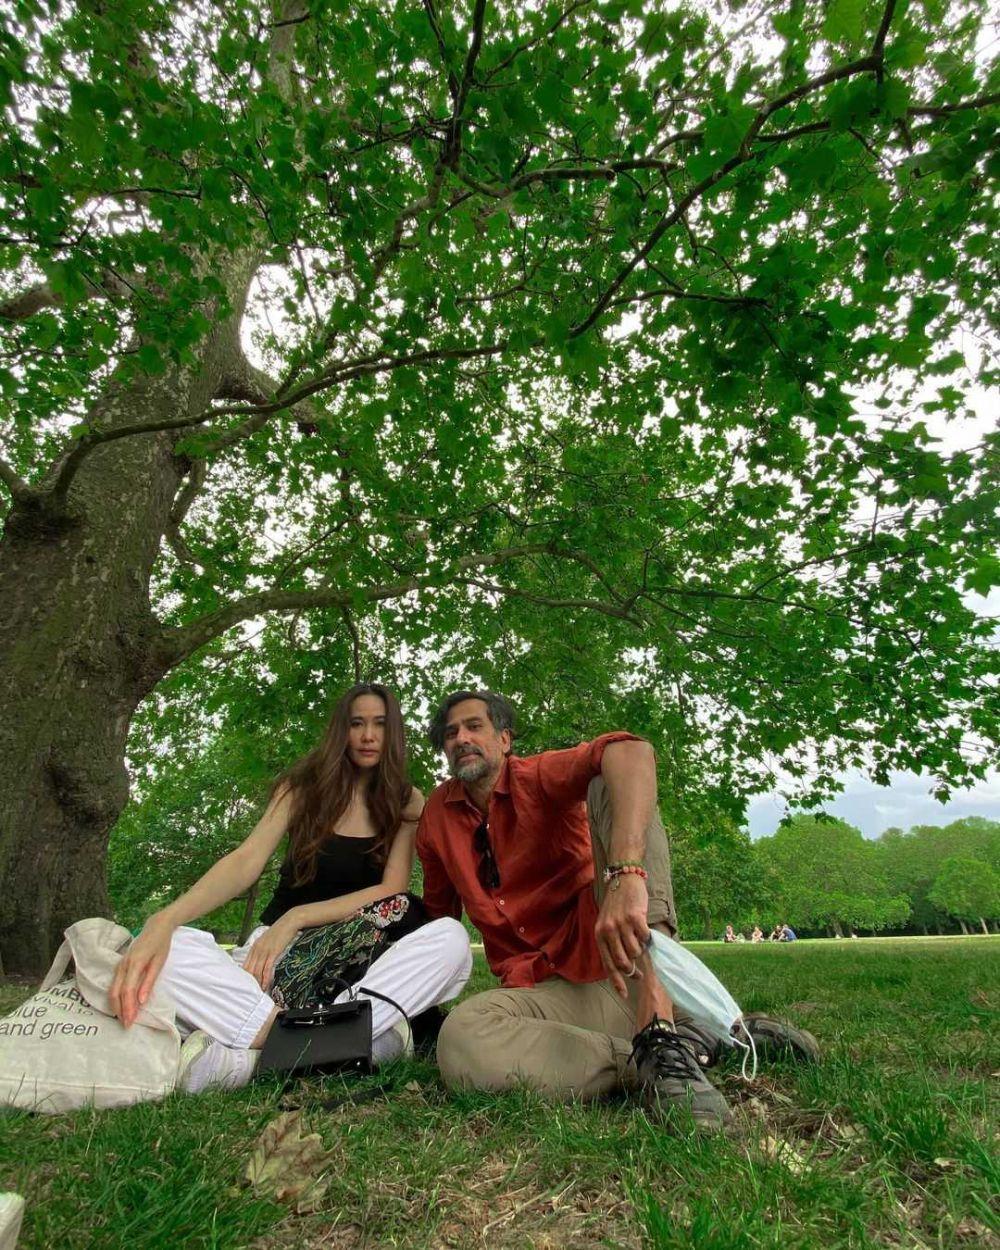 Potret Romantis 10 Raja Sinetron Era 90-an Bareng Istri, Awet Mesranya